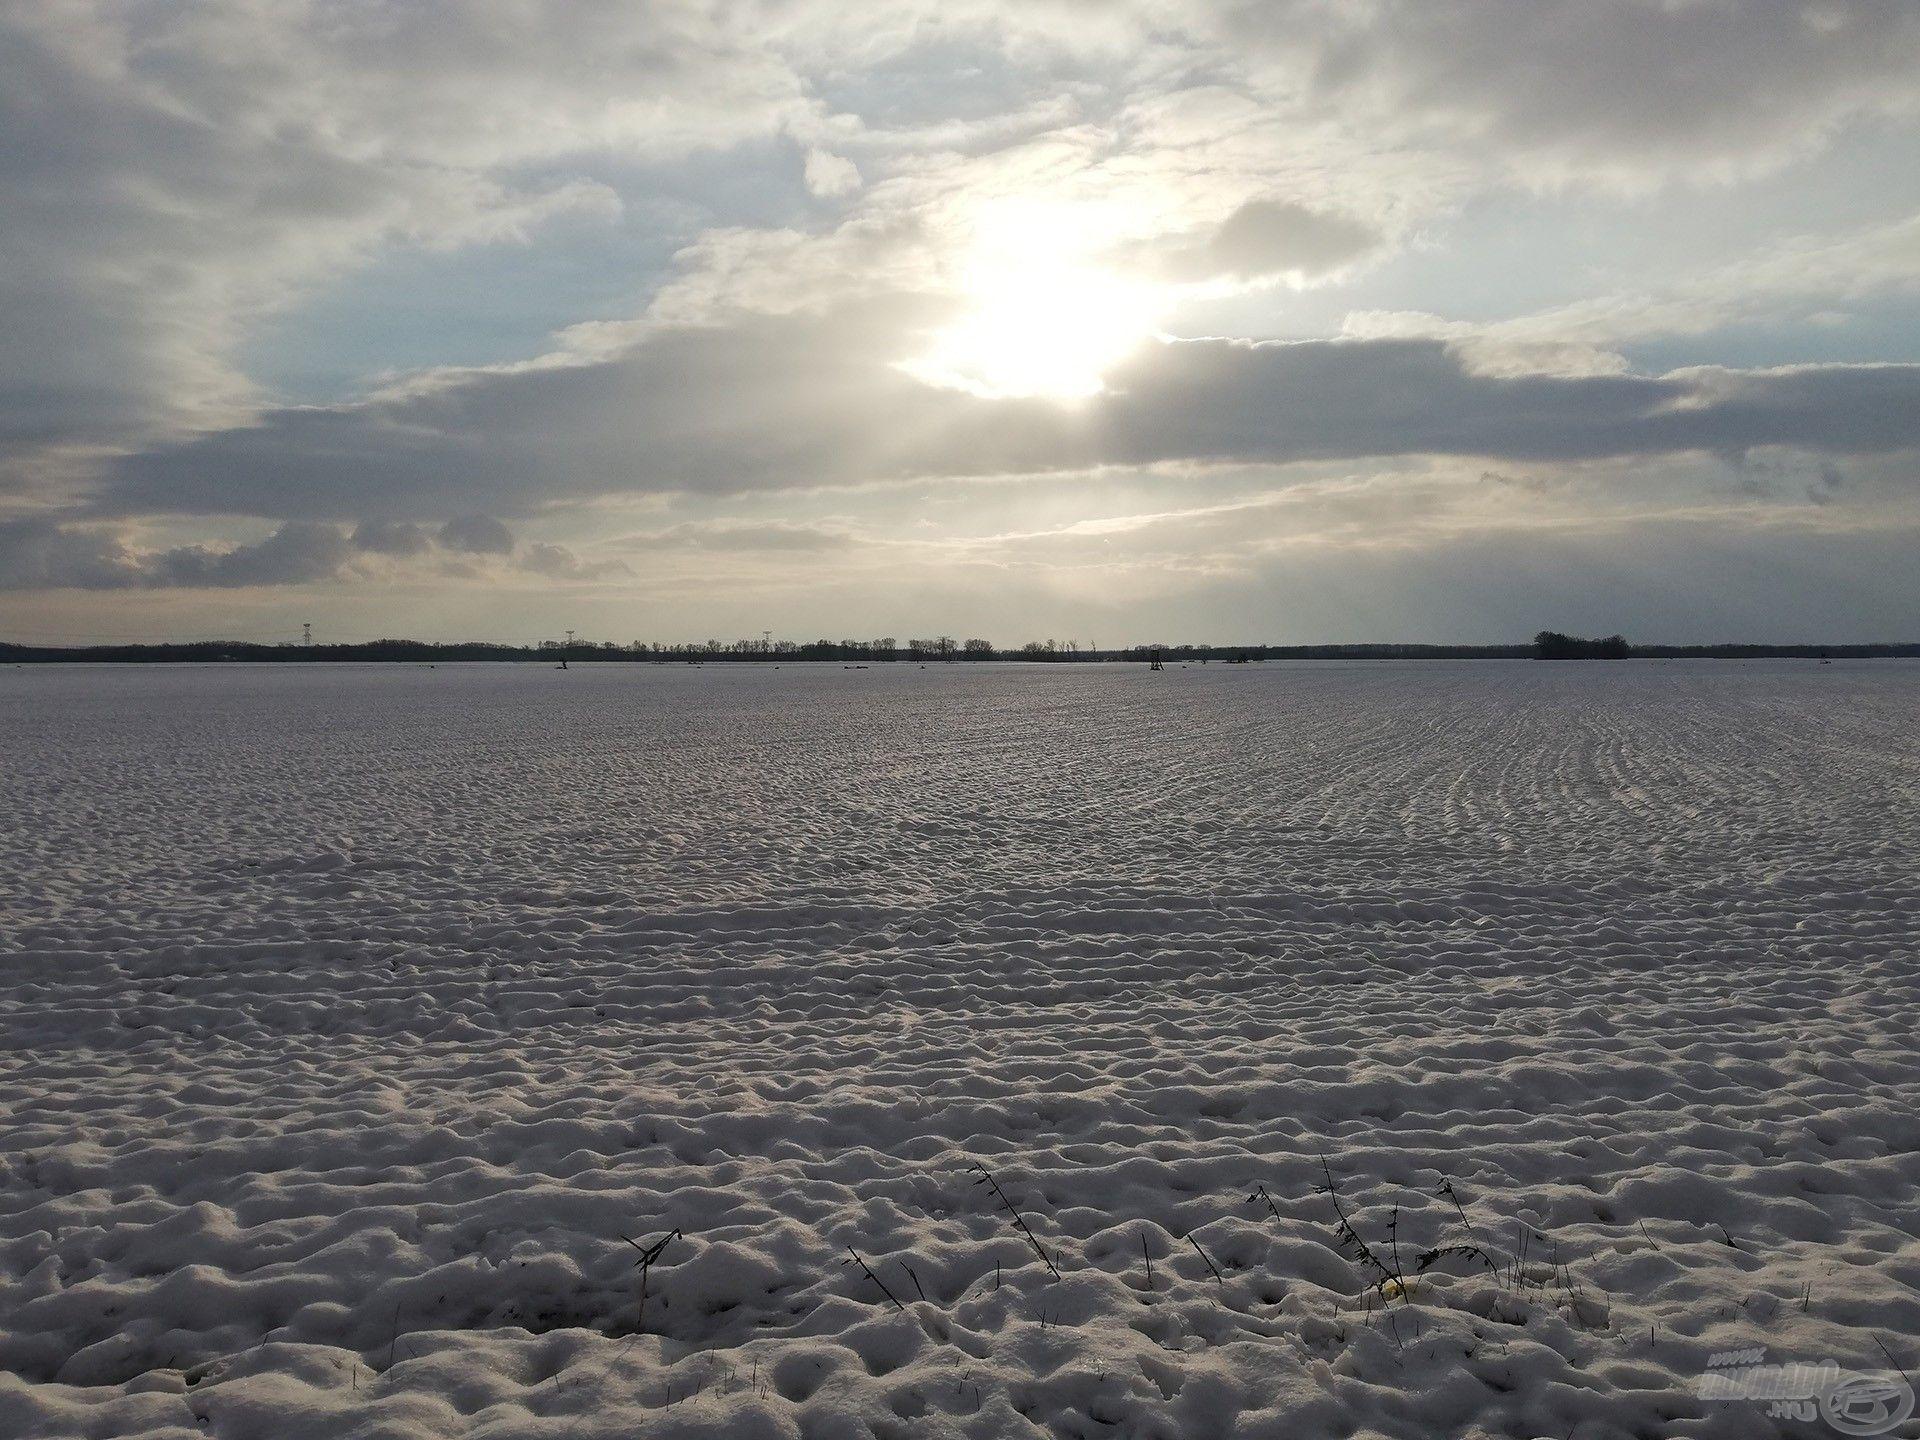 Vakító a hó, akácerdőn hósapka. Ágon jégcsapok. Nincs ott sem madárfészek, fák is tavaszt remélnek